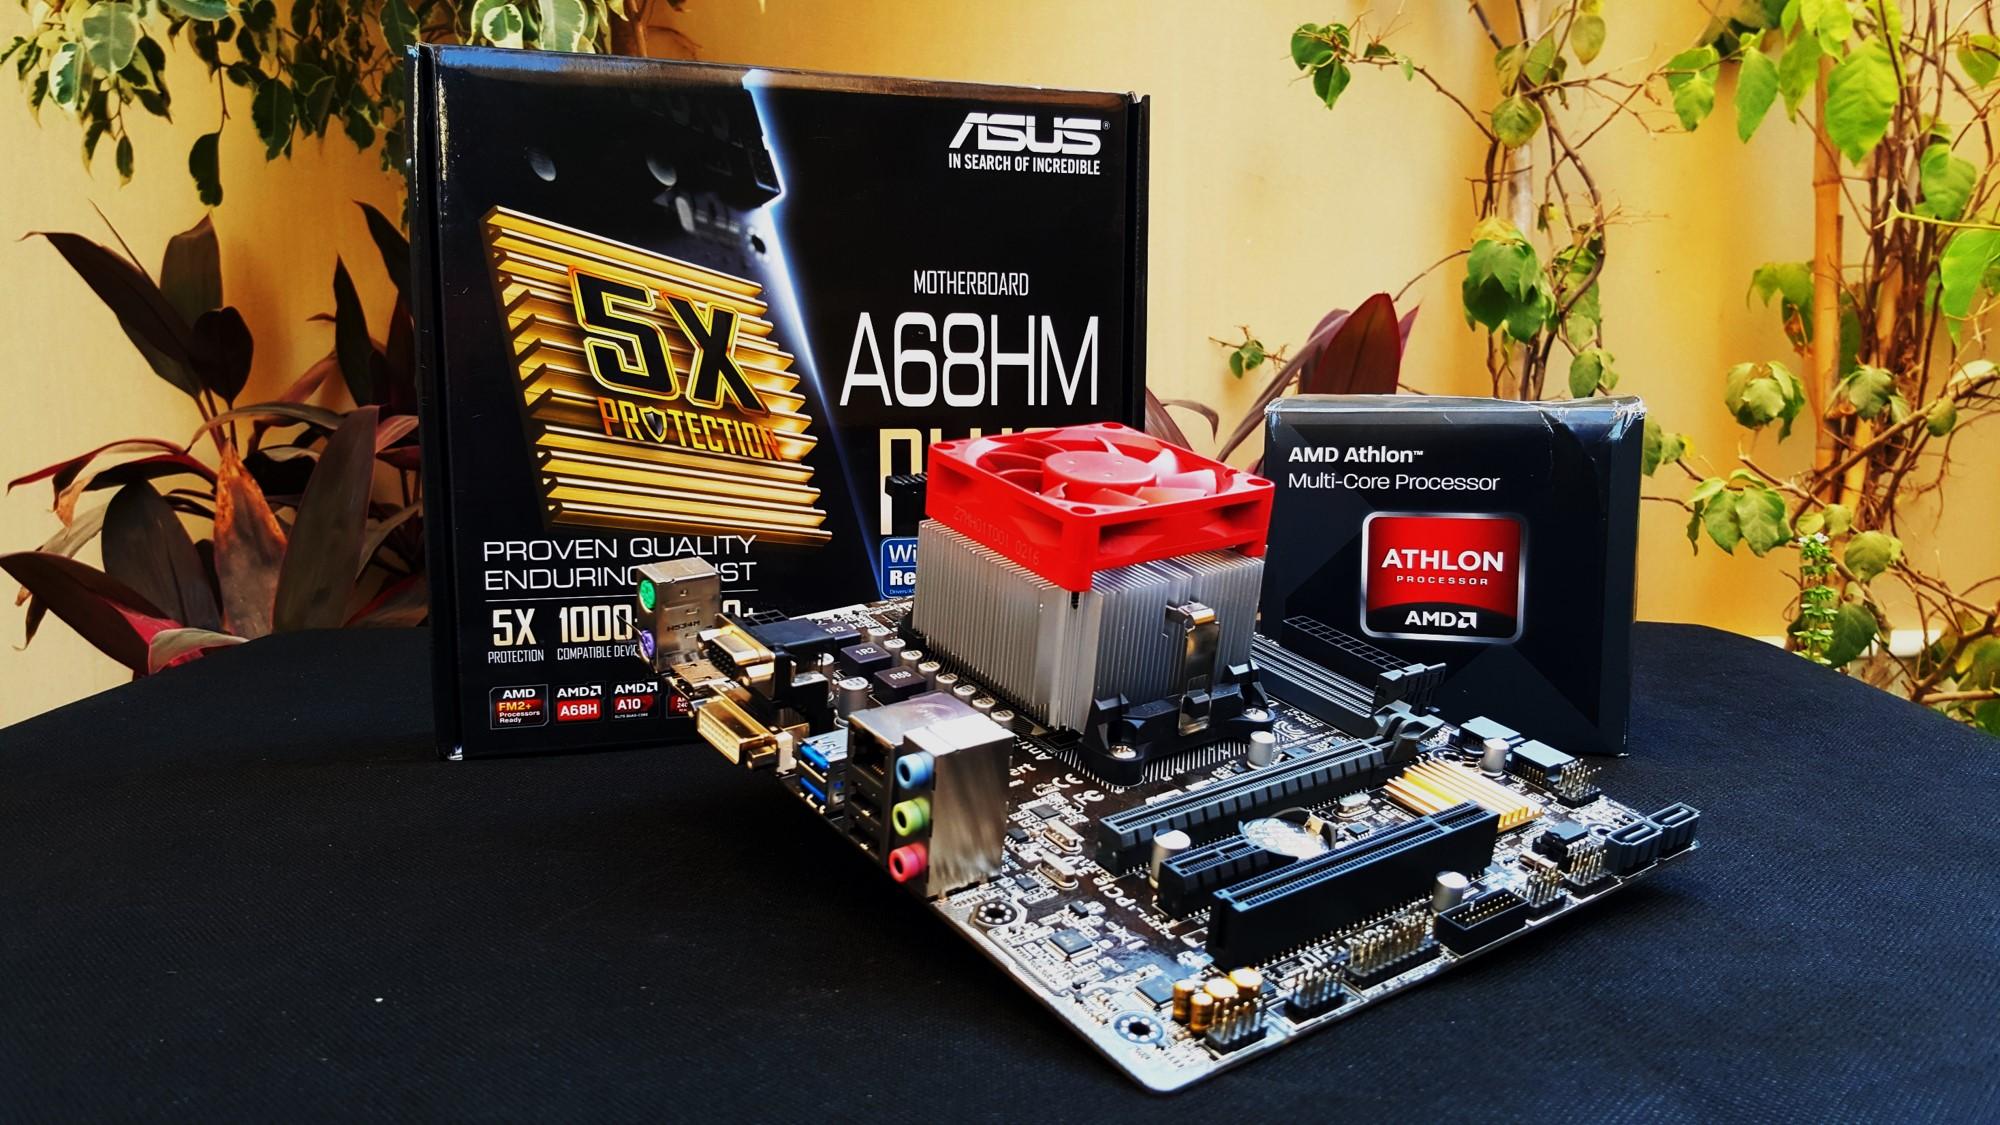 1-AMD Athlon X4 845K